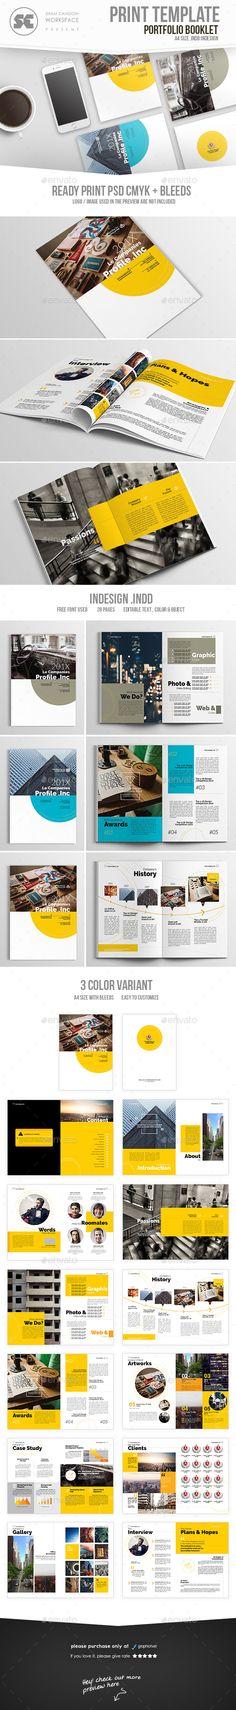 Annual Report - Company Profile 02 | Company profile, Annual reports ...